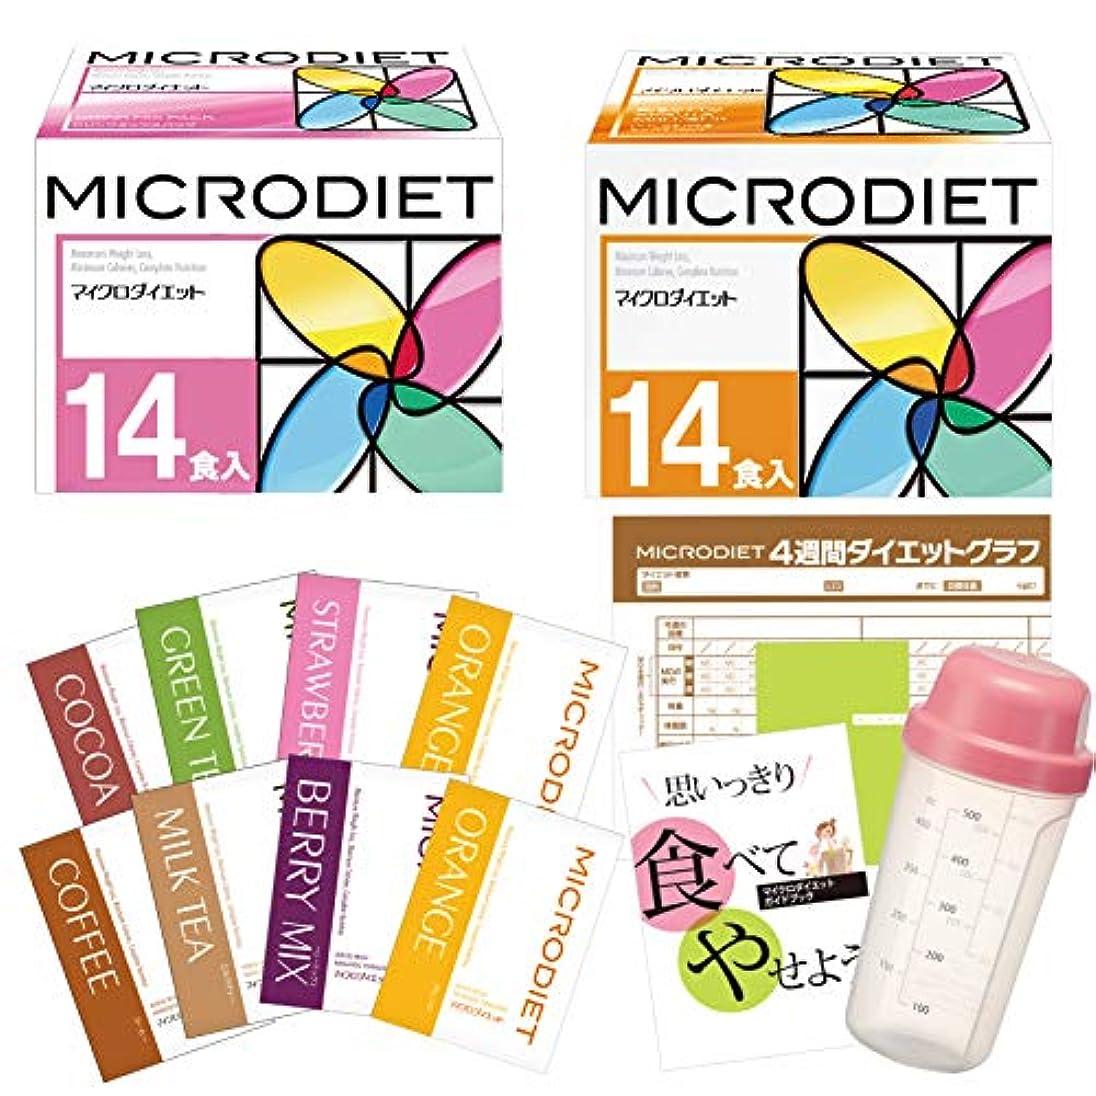 口述あなたのもの秘書マイクロダイエット2箱+8食セット(初回特典付き)ドリンク、リゾット&パスタ各1箱:06AMA2-0000022